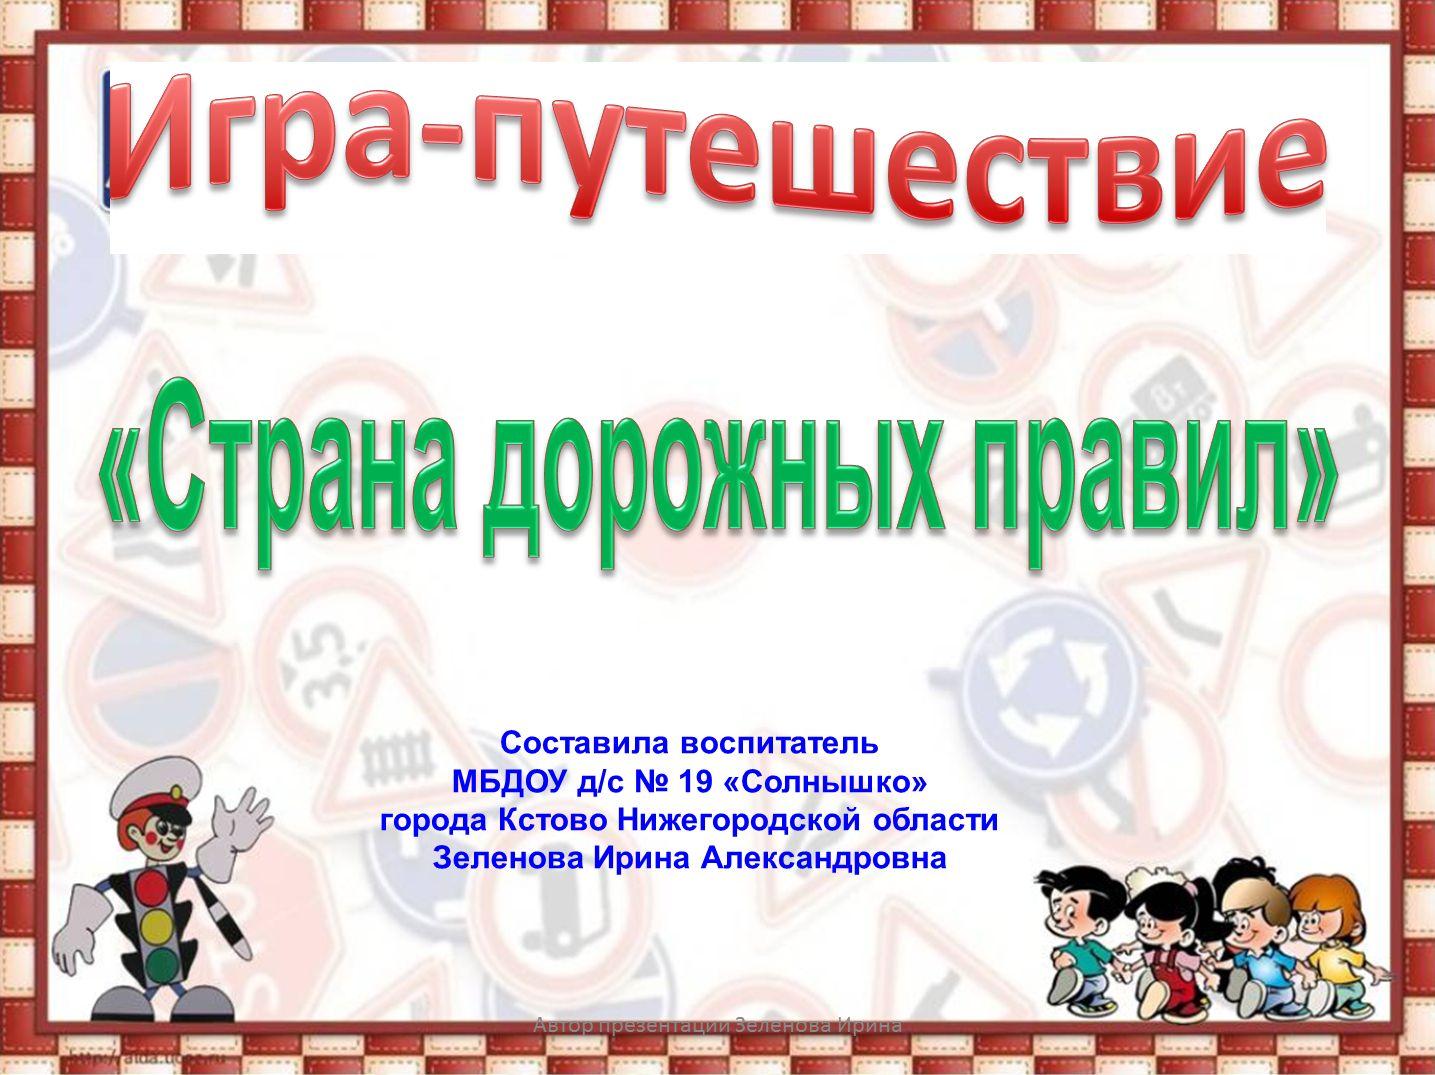 презентации на 23 февраля для студентов